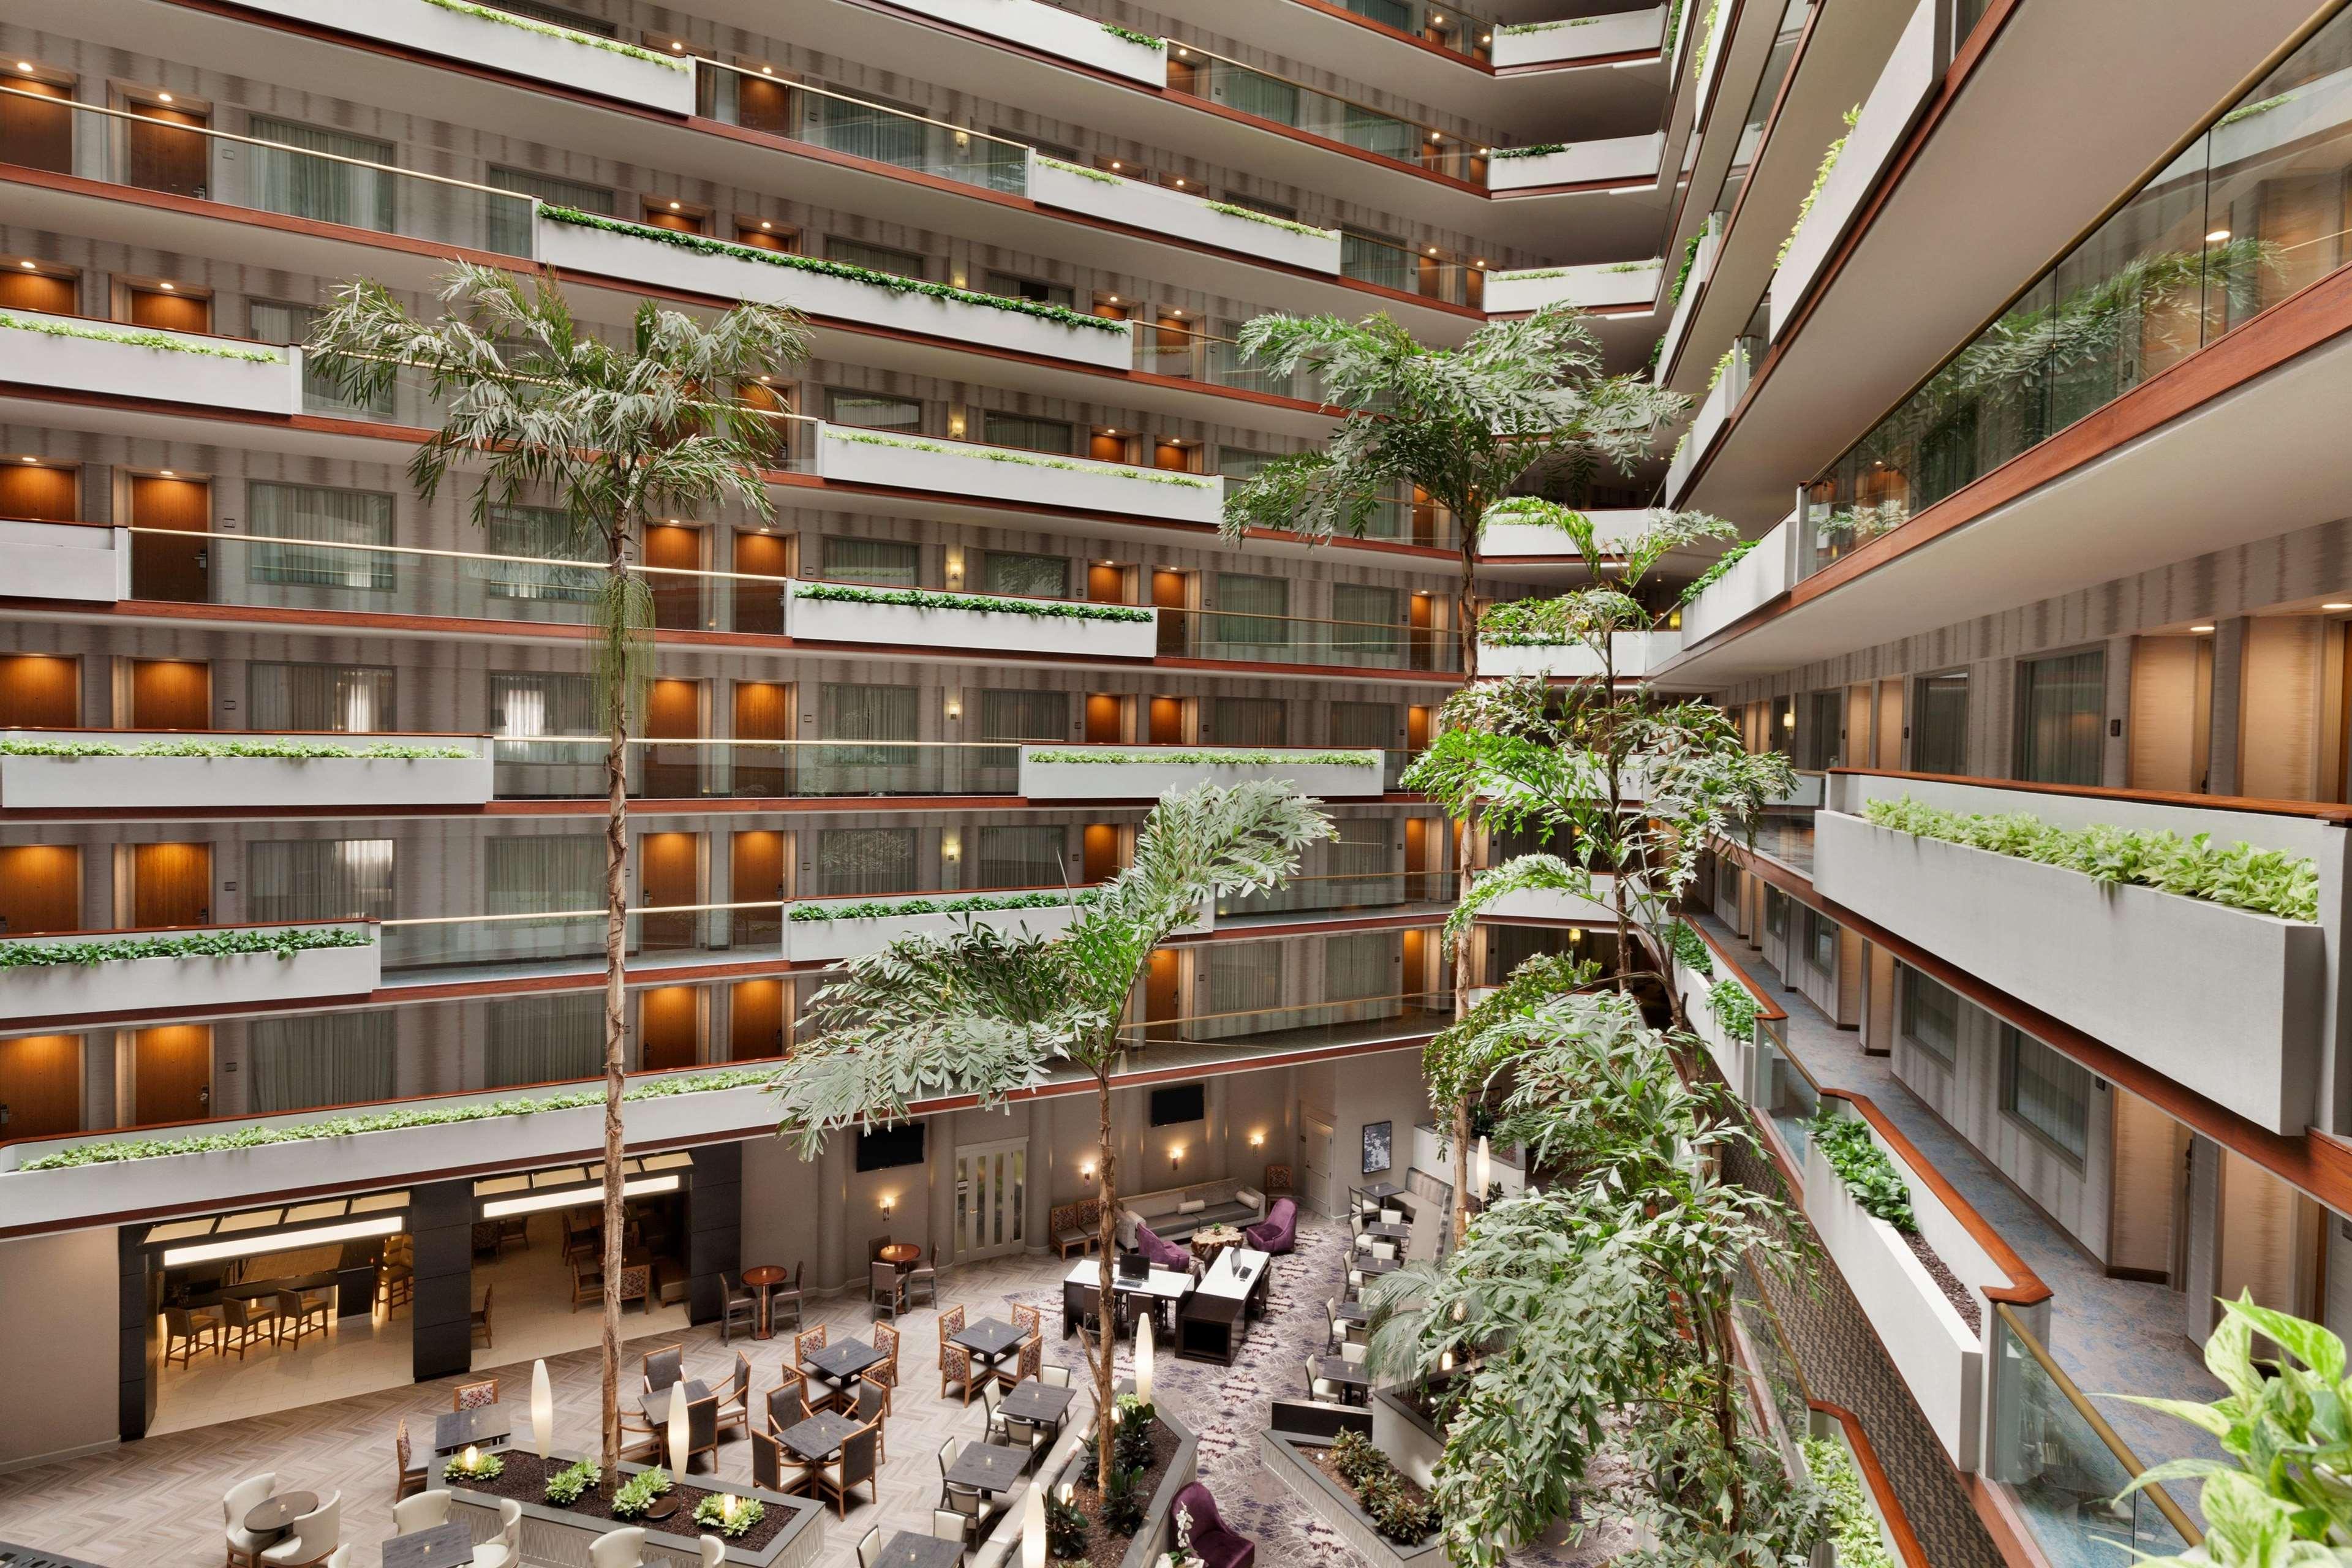 Embassy Suites Irvine Atrium